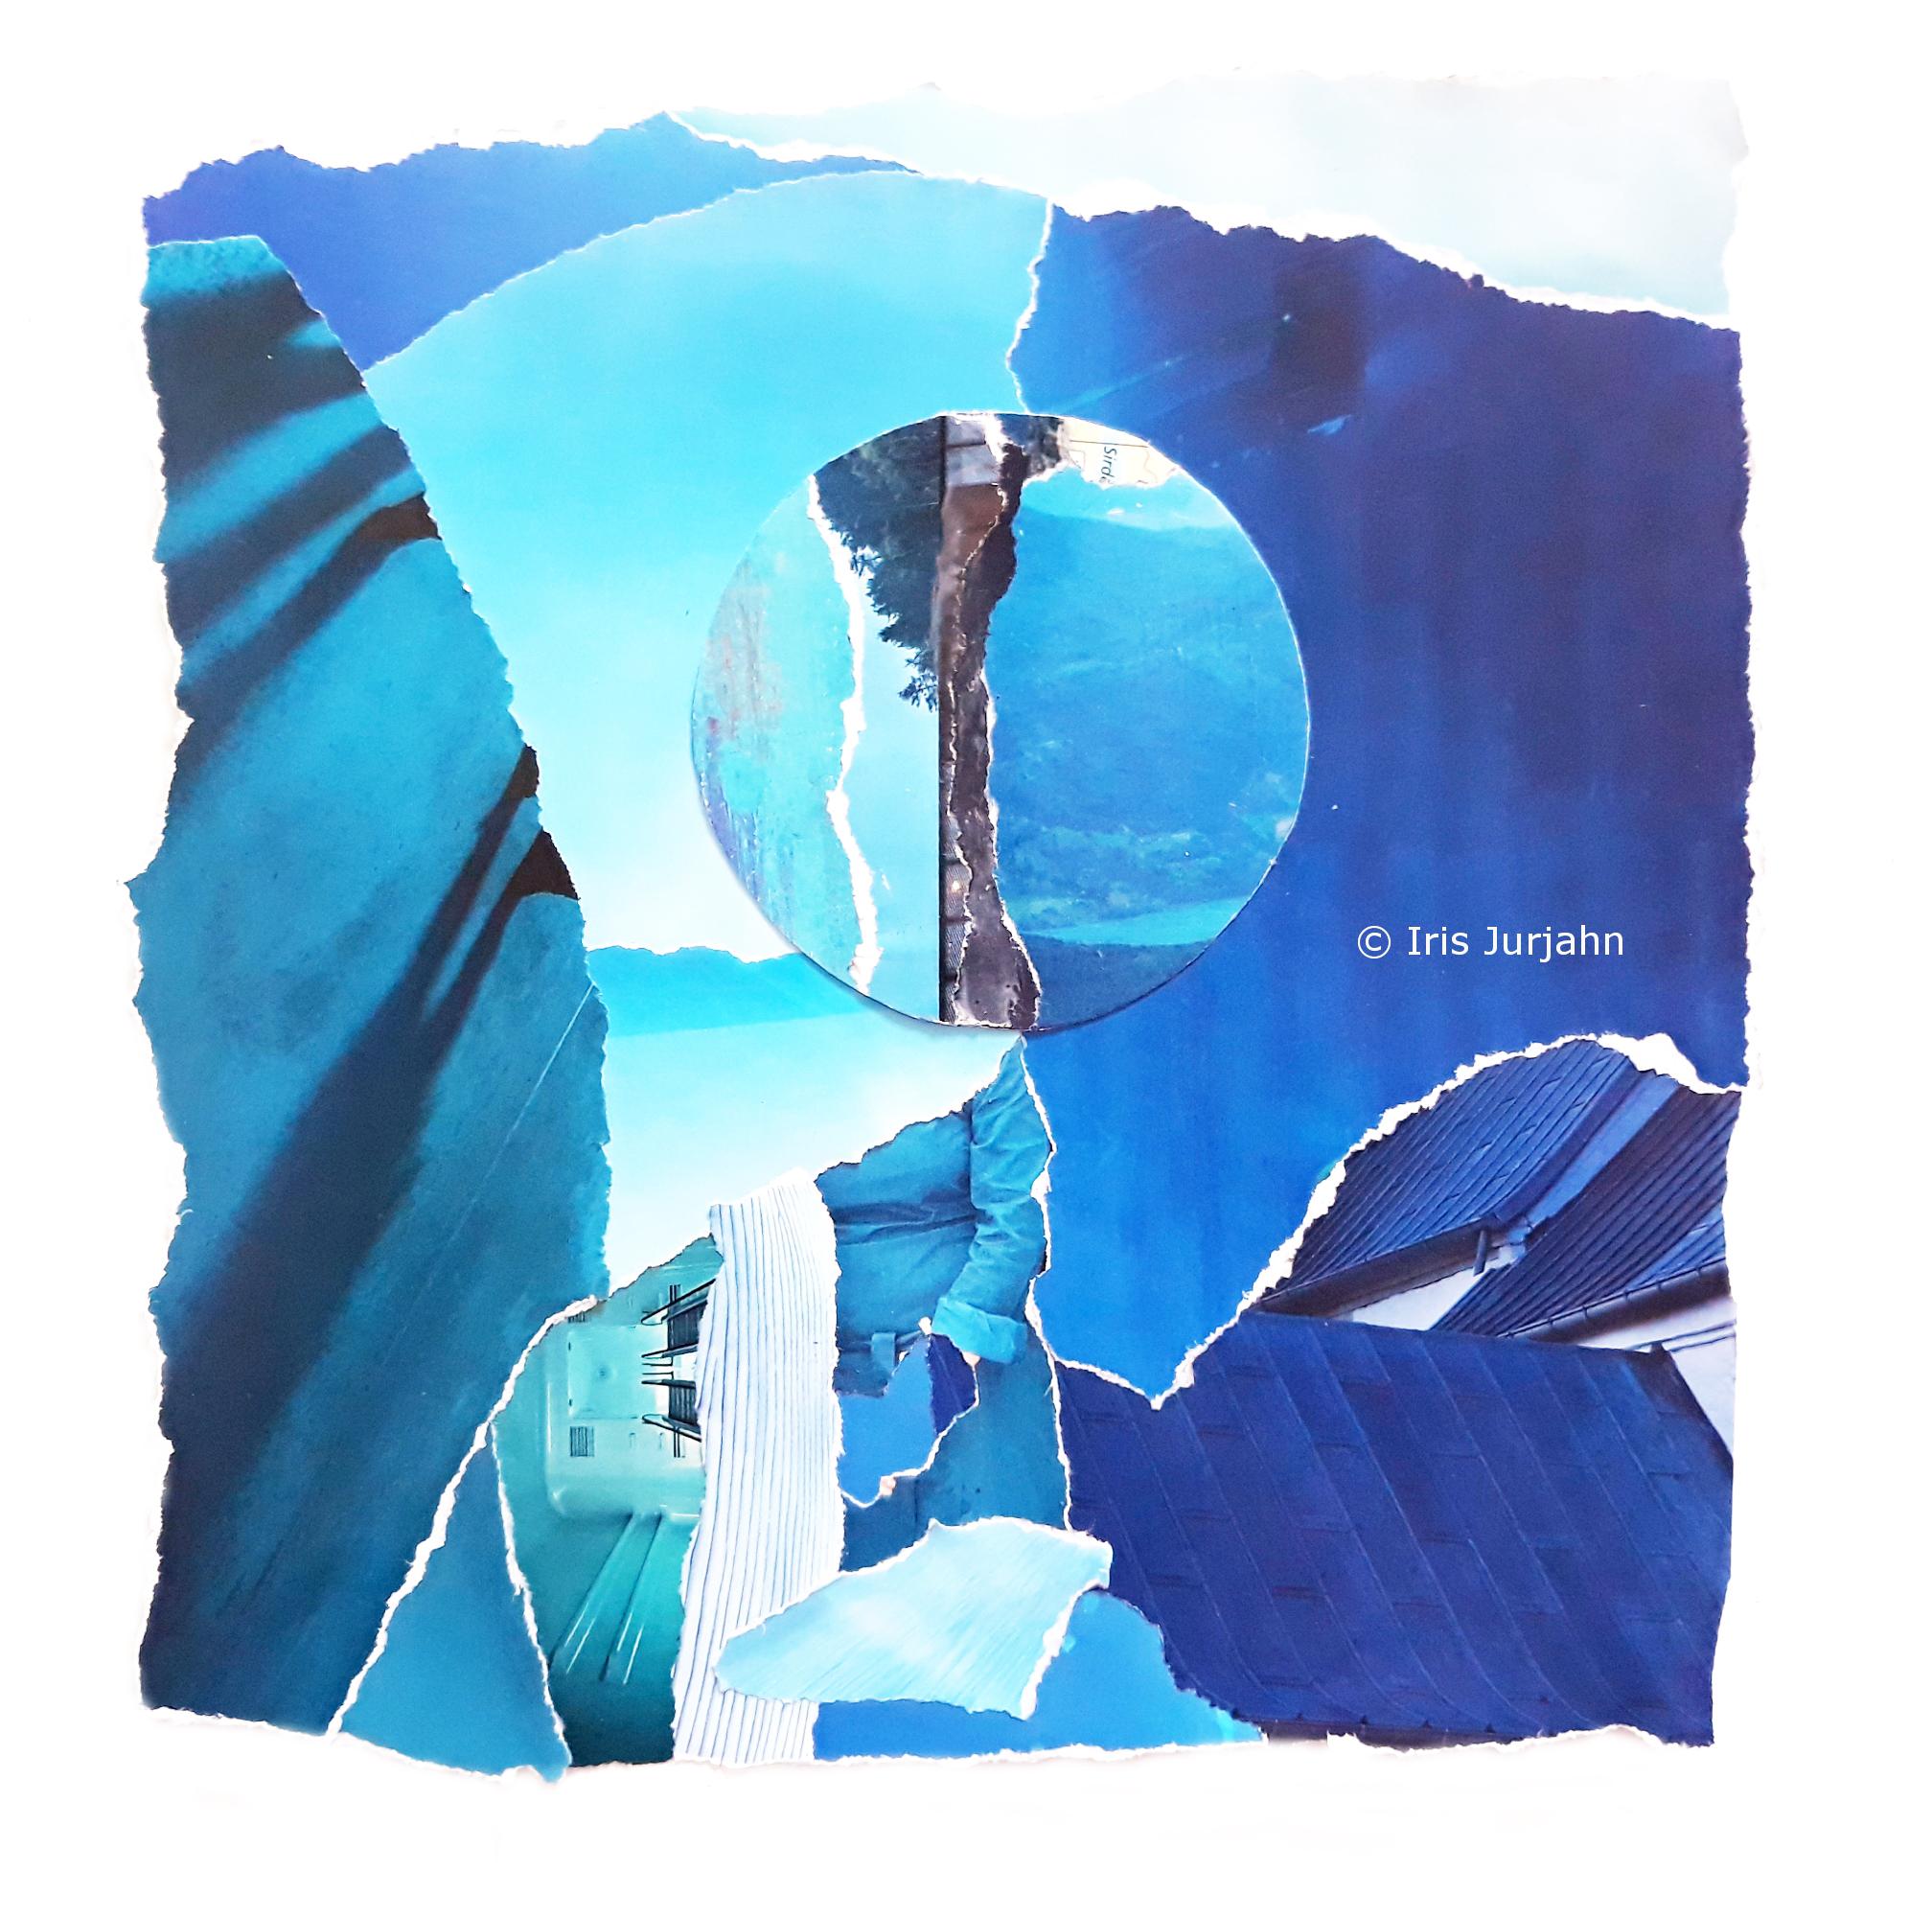 Blue escape, Papiercollage, 26 x 32 cm  (inkl. Objektrahmen), 2019